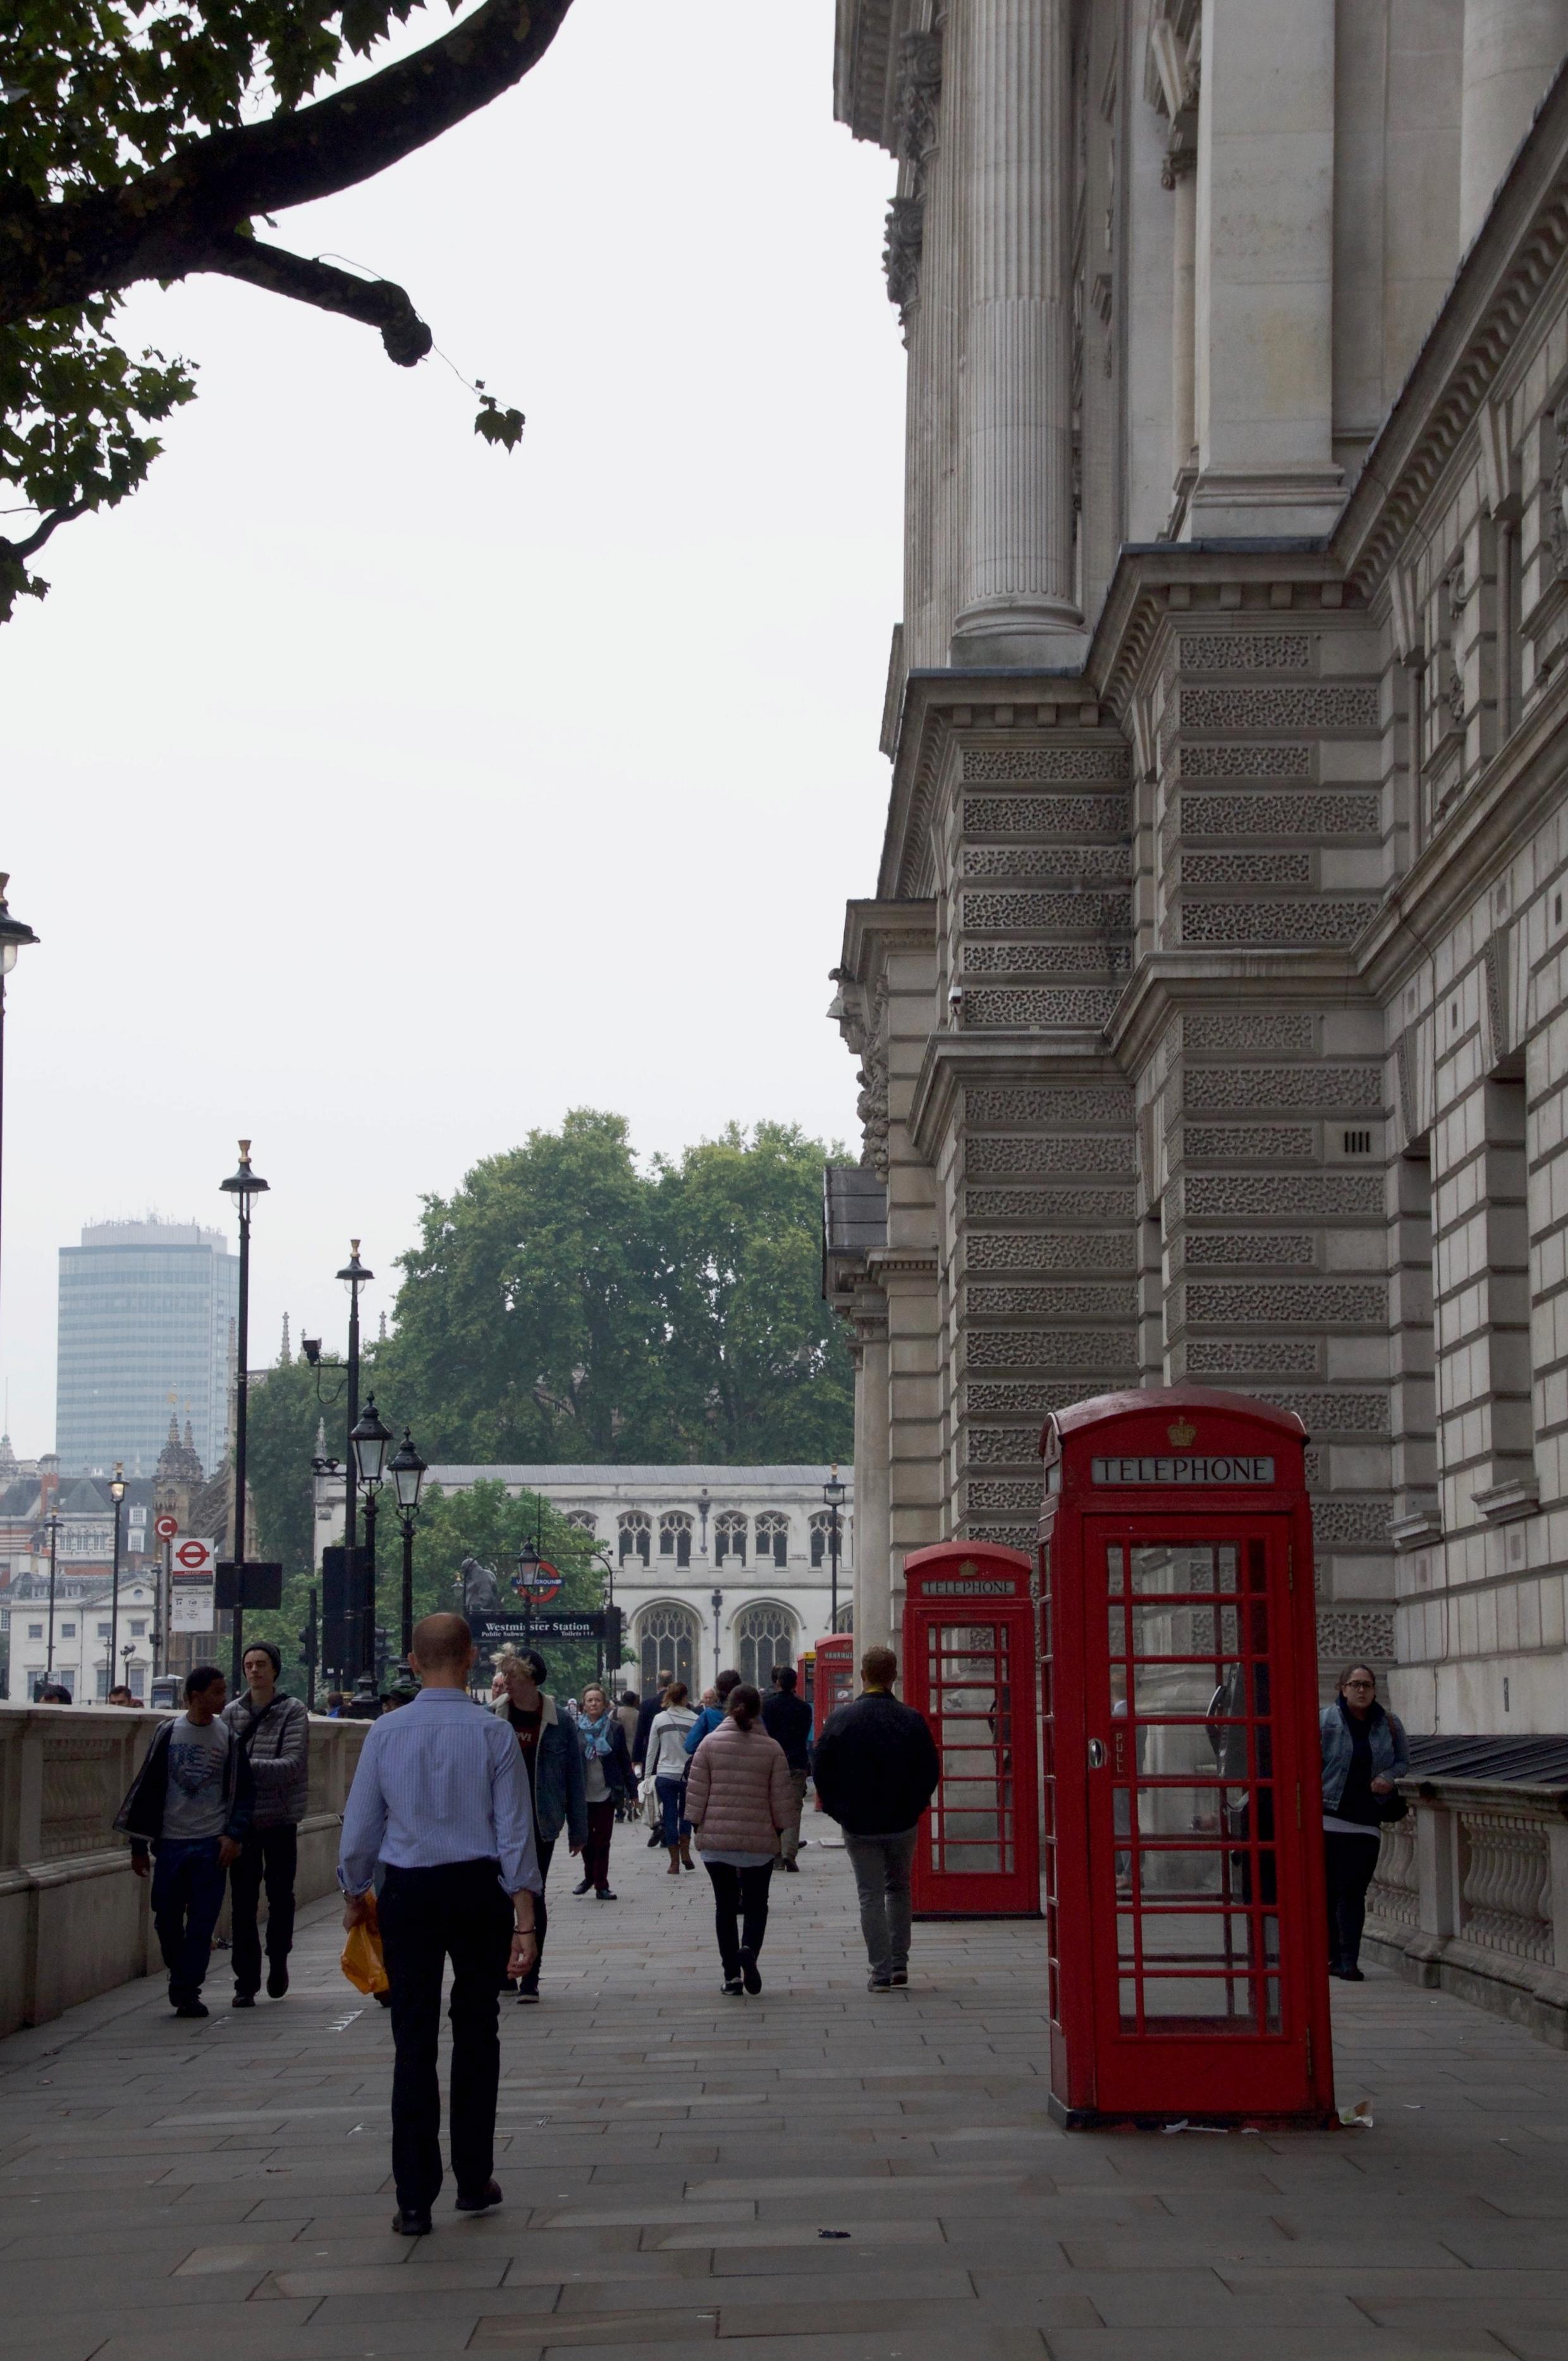 A street near Westminster Abbey.